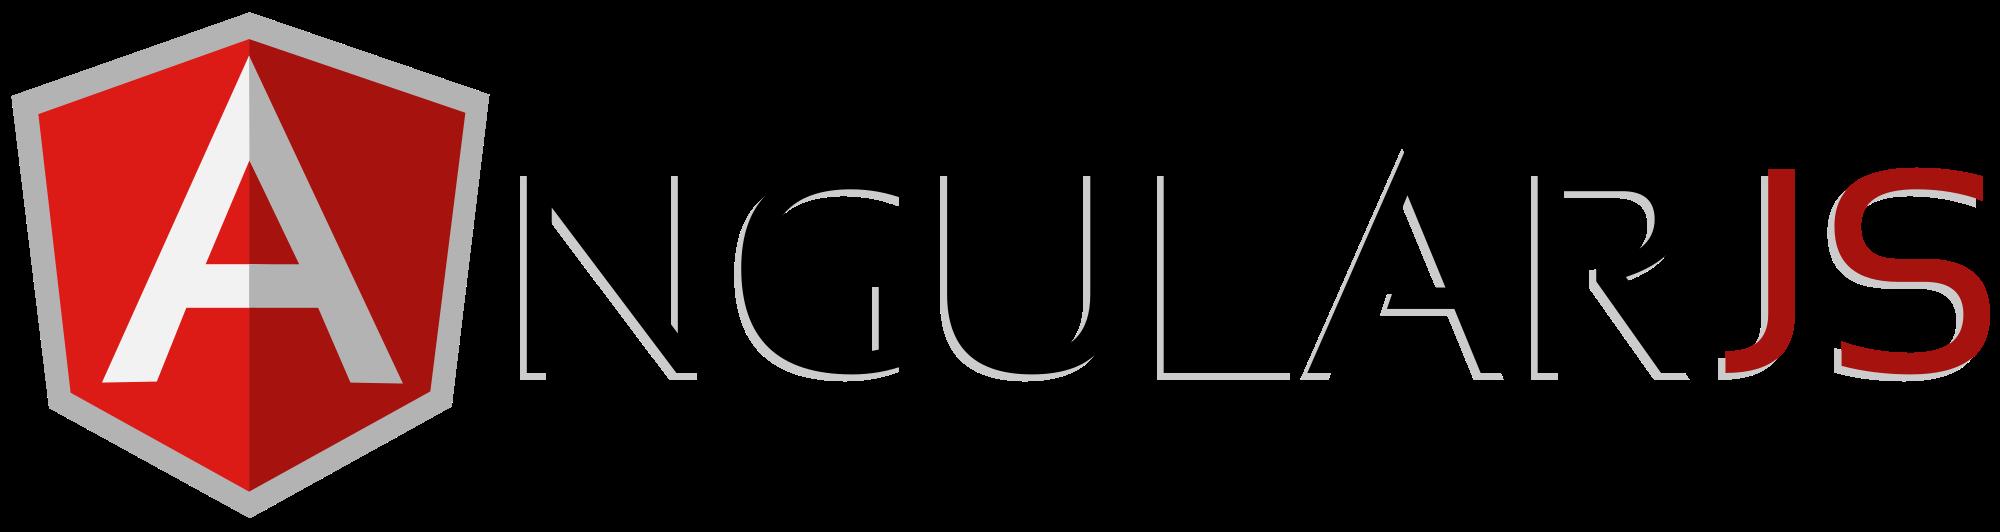 AngularJS_logo javascript framework